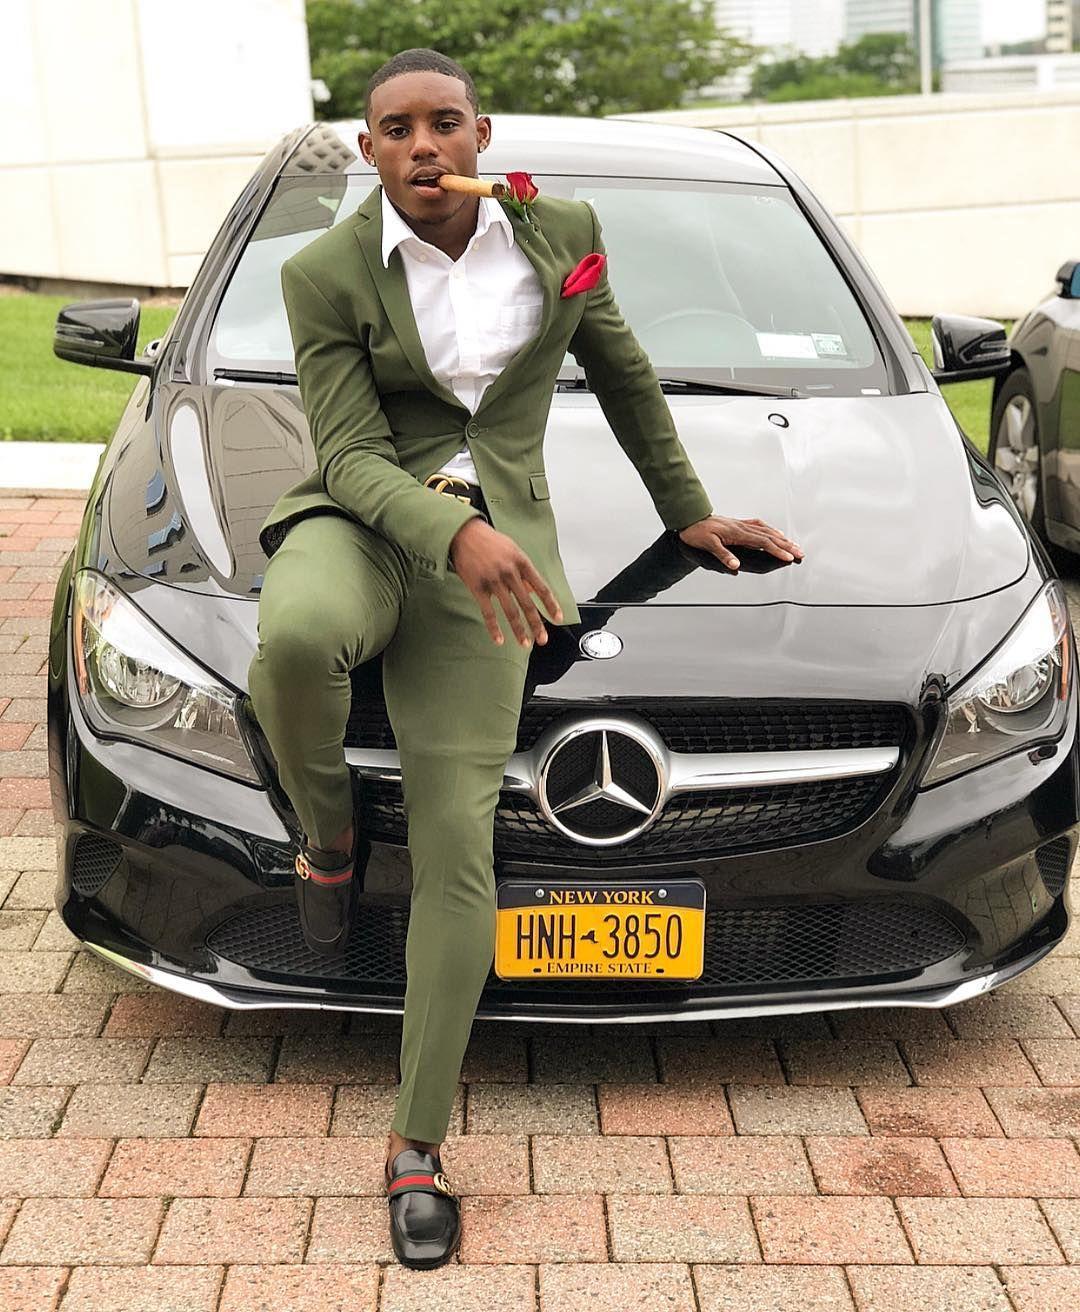 Günstige Olivgrün Herren Anzüge Slim Fit Zwei Stücke Groomsmen Hochzeit Smokings für Männer spitzen Revers formale Abschlussball-Anzug Jacket + Pants